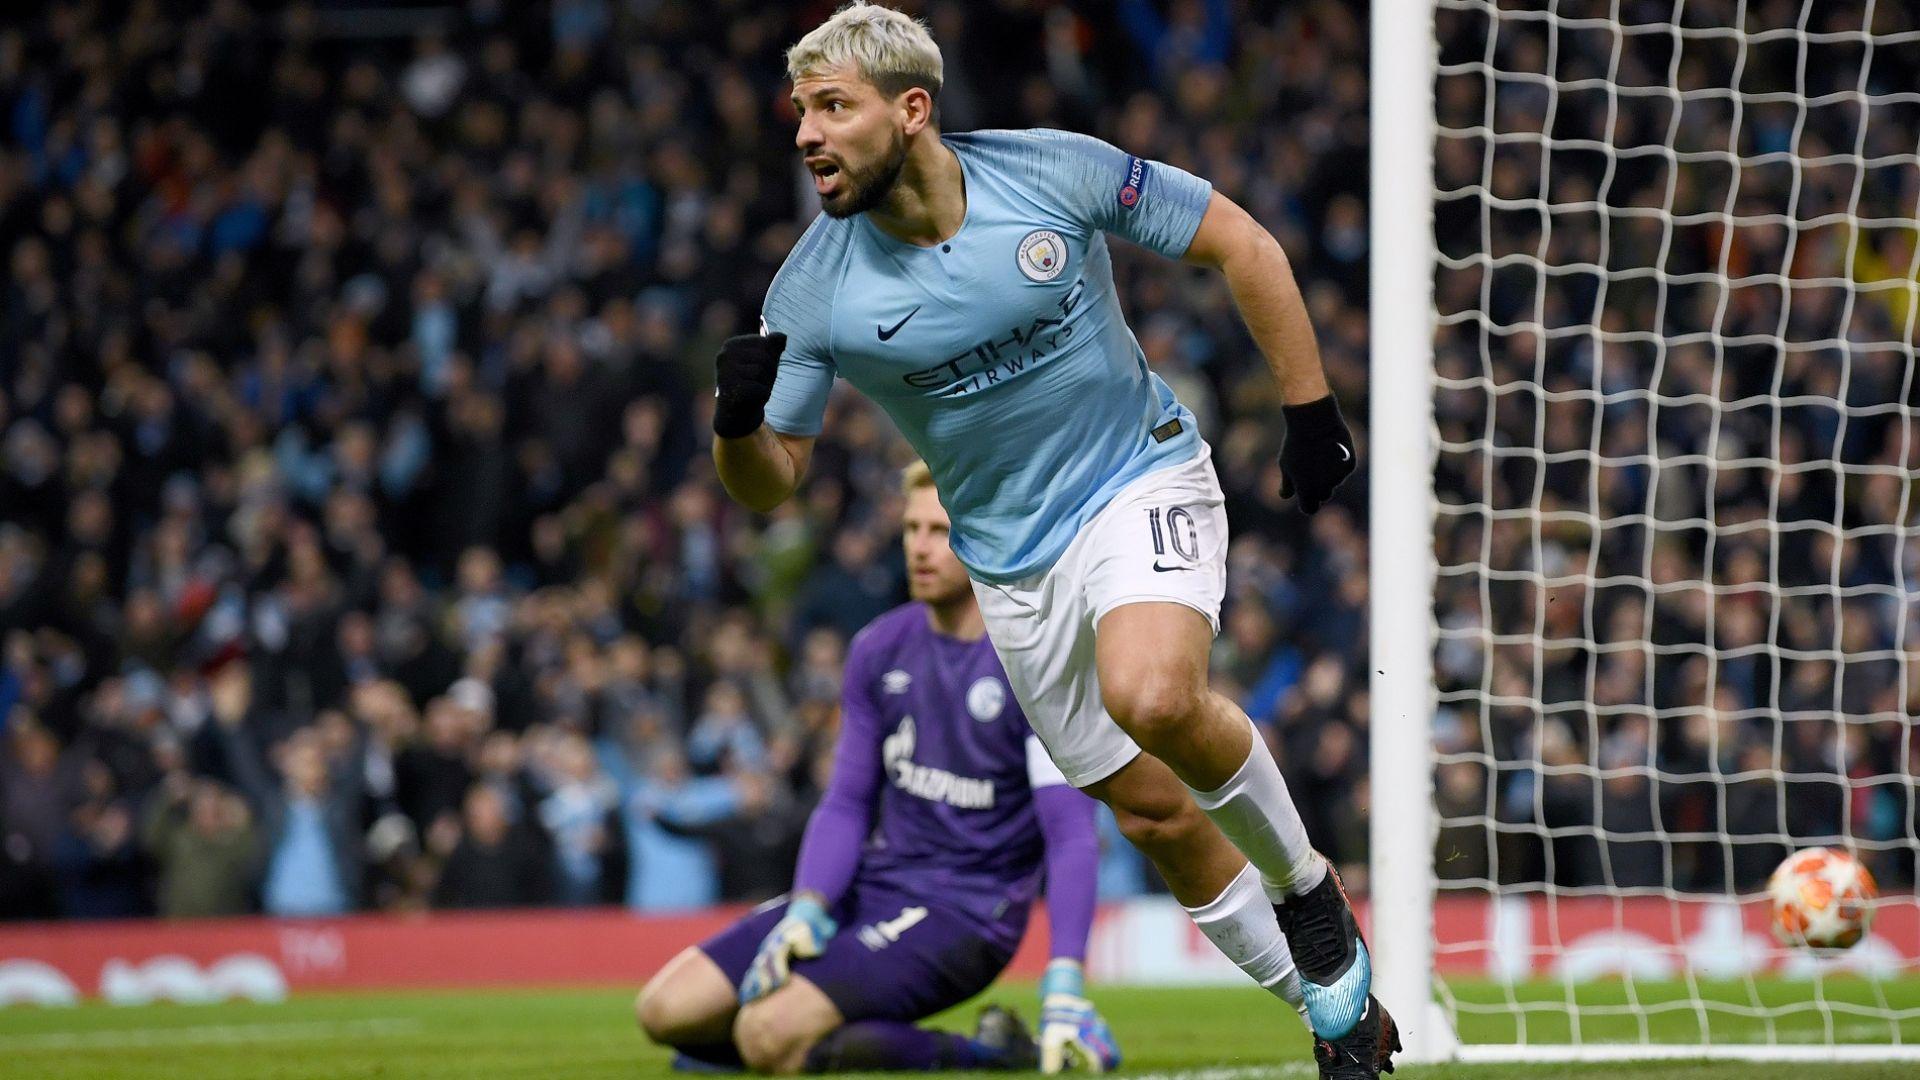 Манчестър Сити се изгаври с немци за място сред най-добрите 8